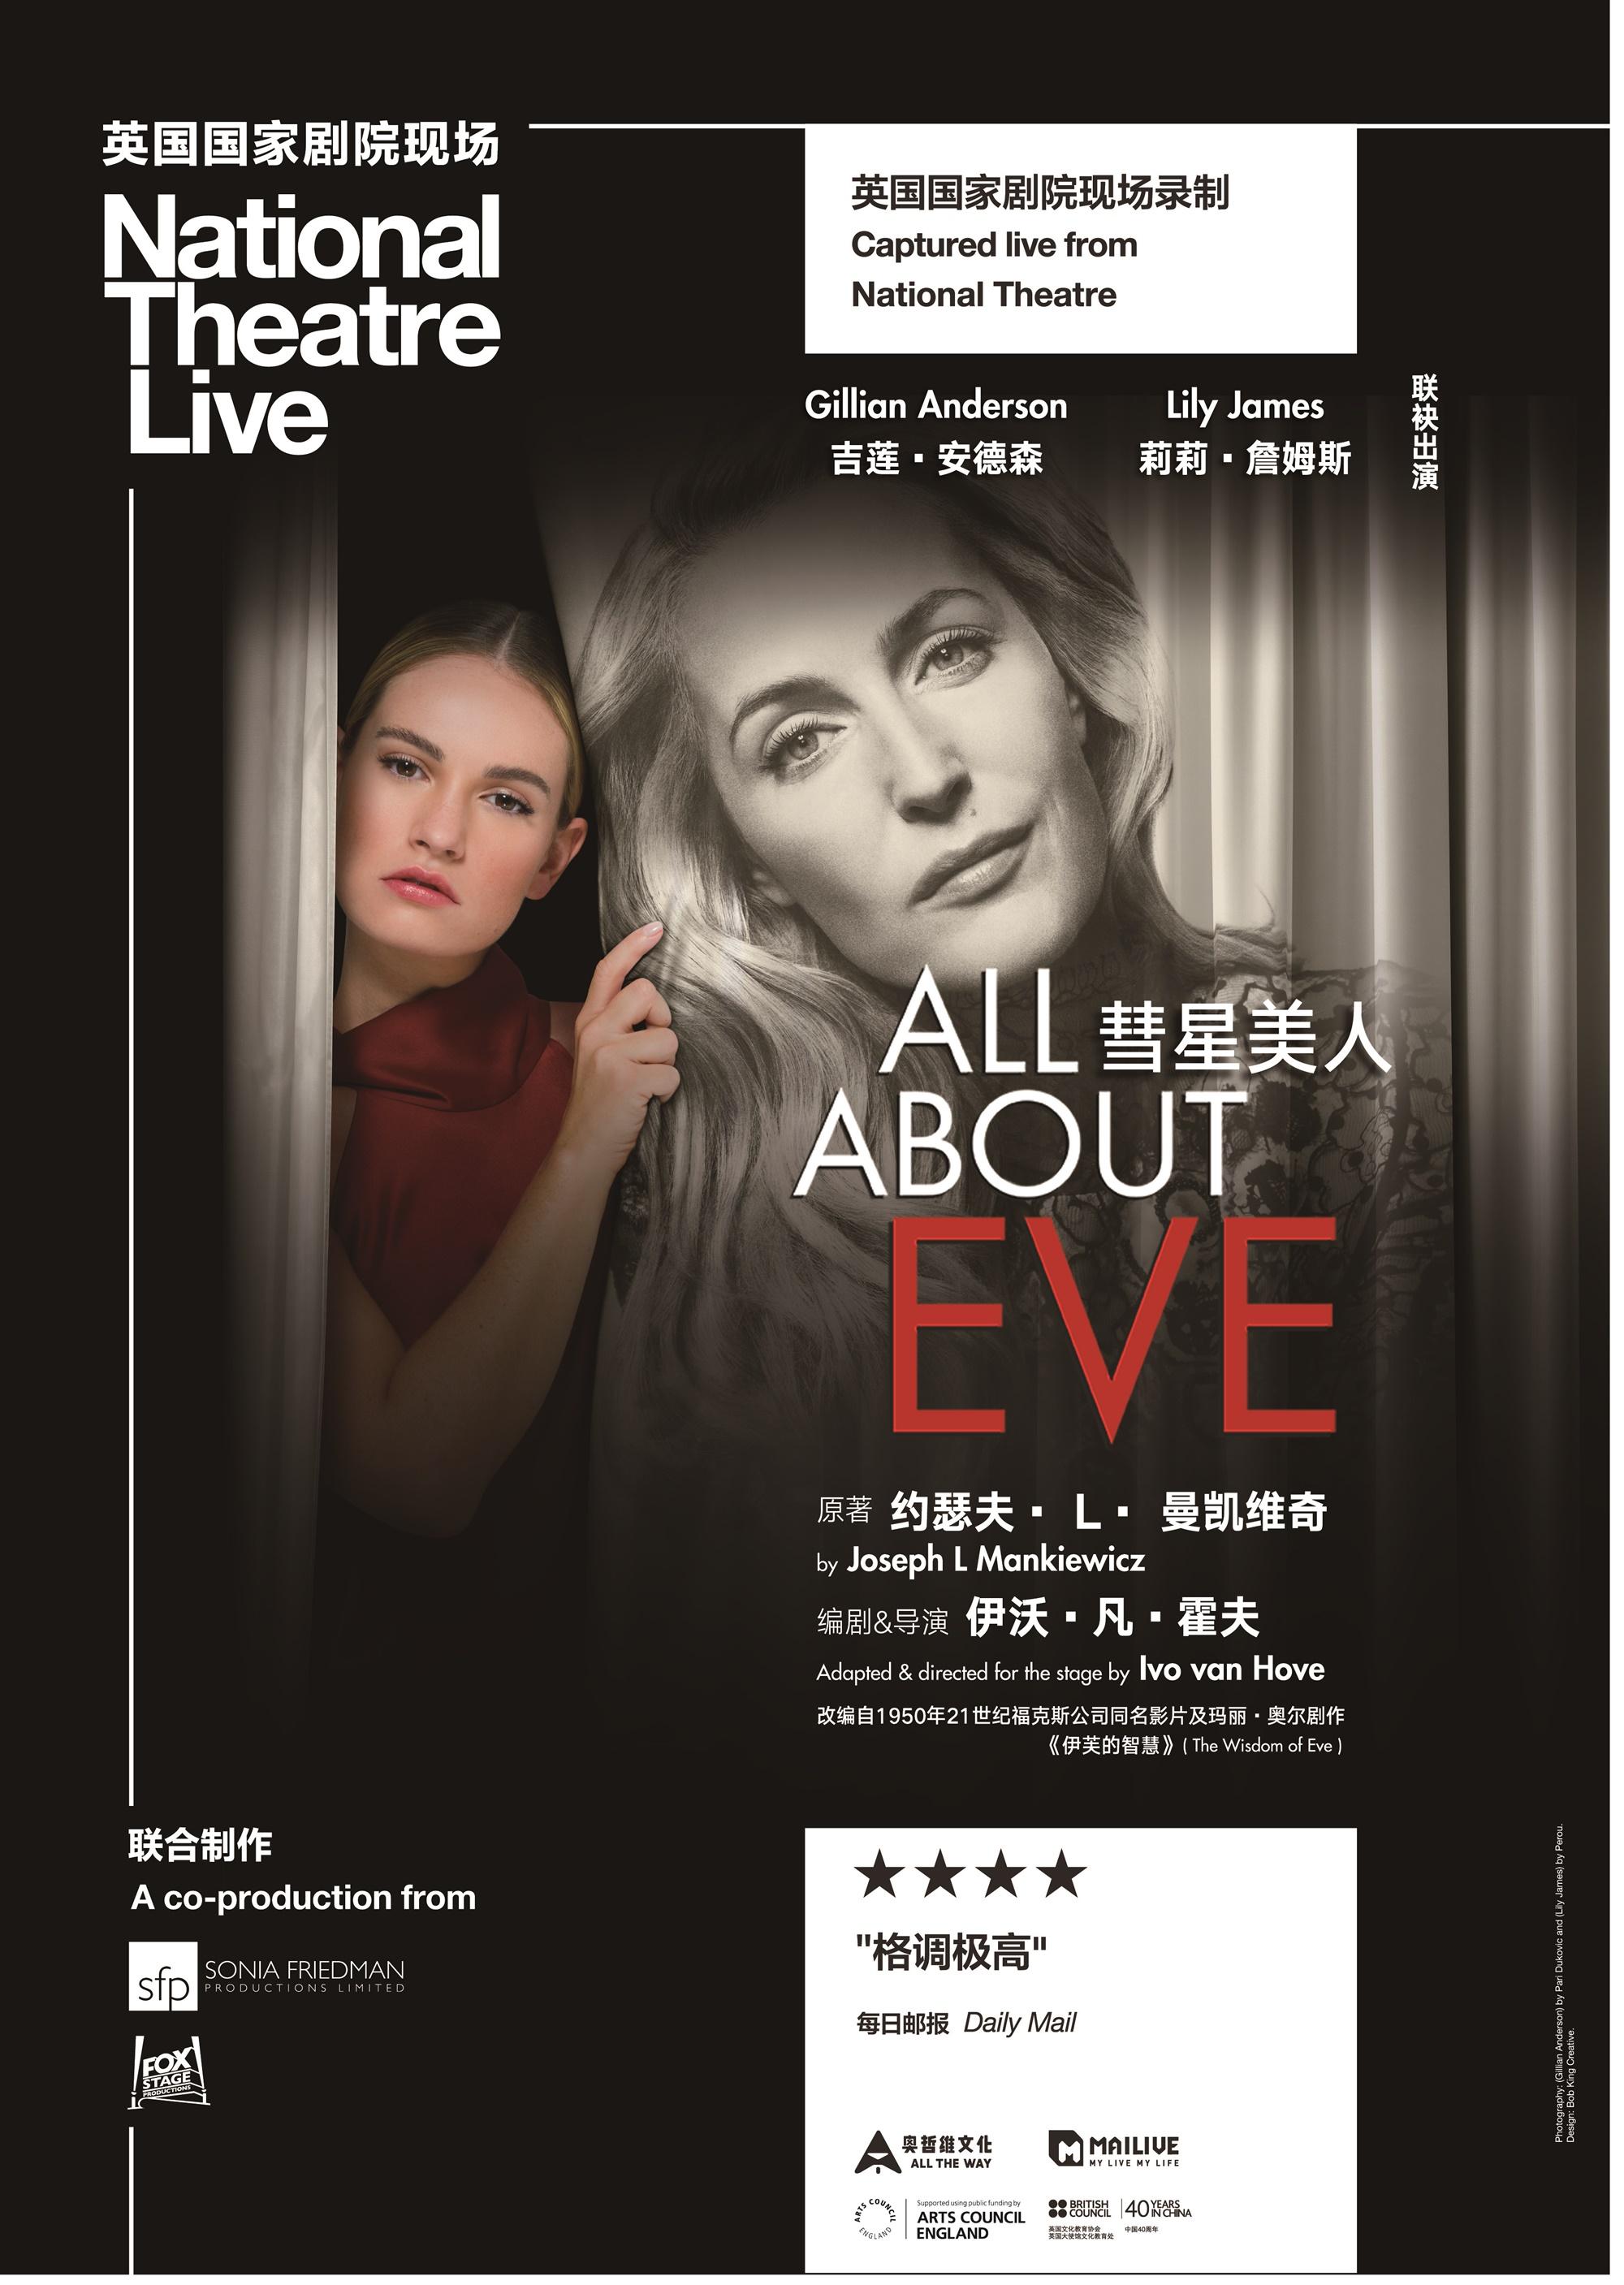 【高清放映系列】英国国家剧院·戏剧《彗星美人》